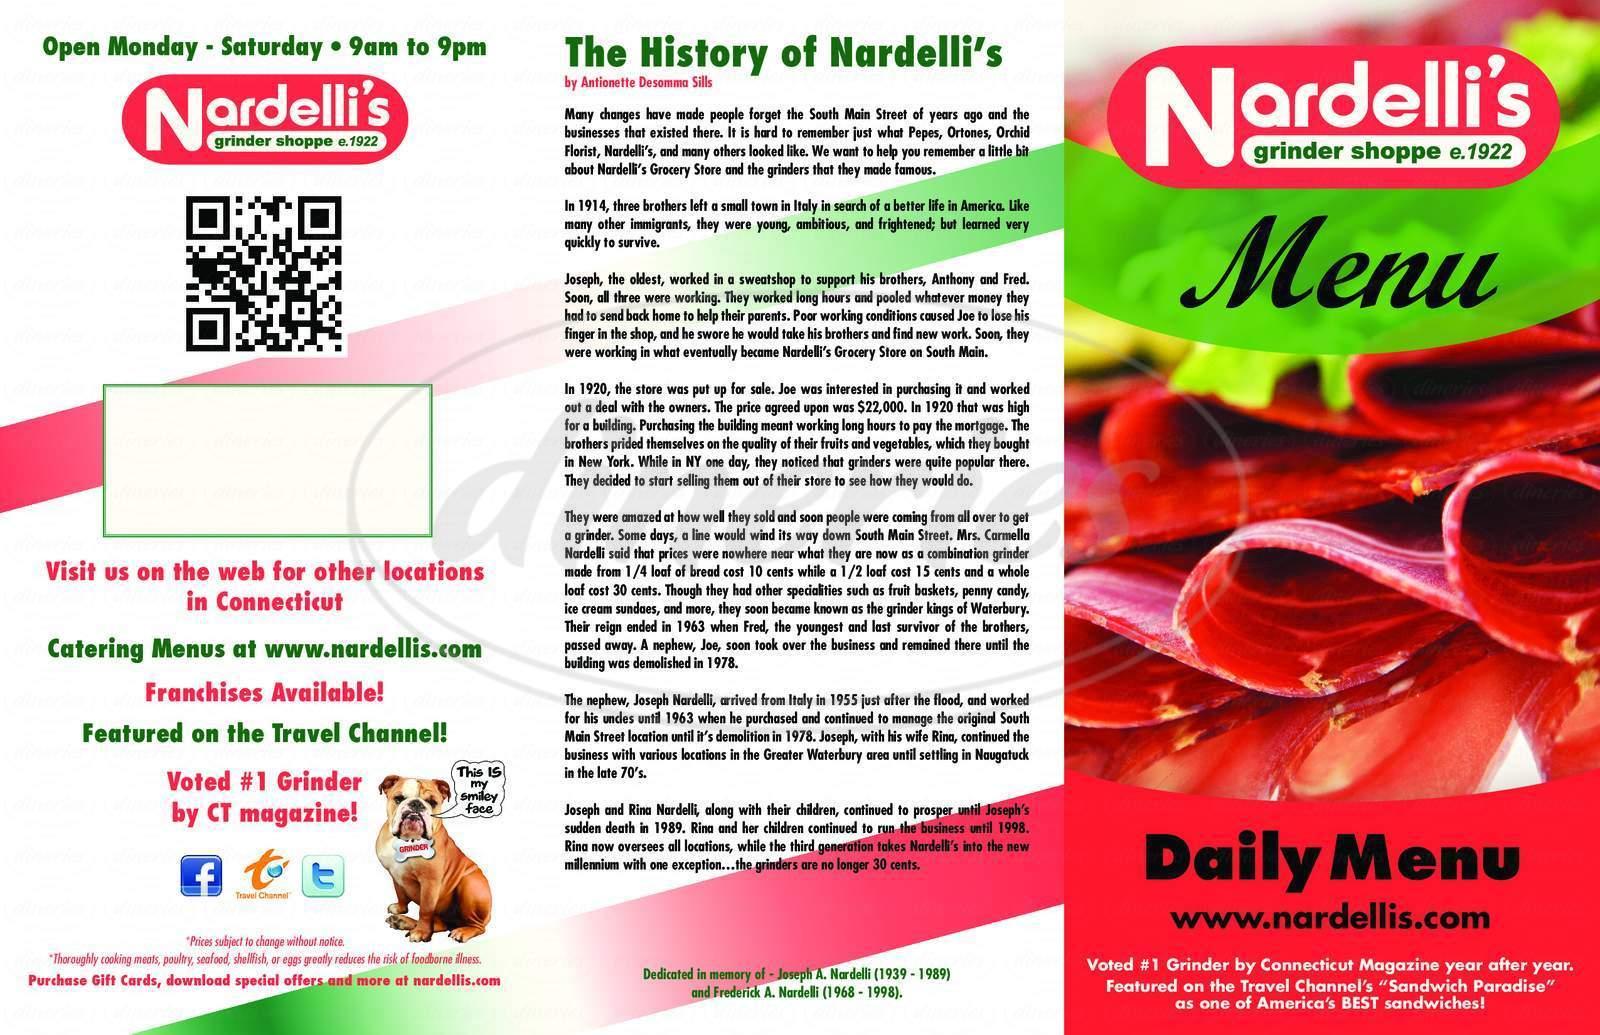 menu for Nardelli's Grinder Shoppe